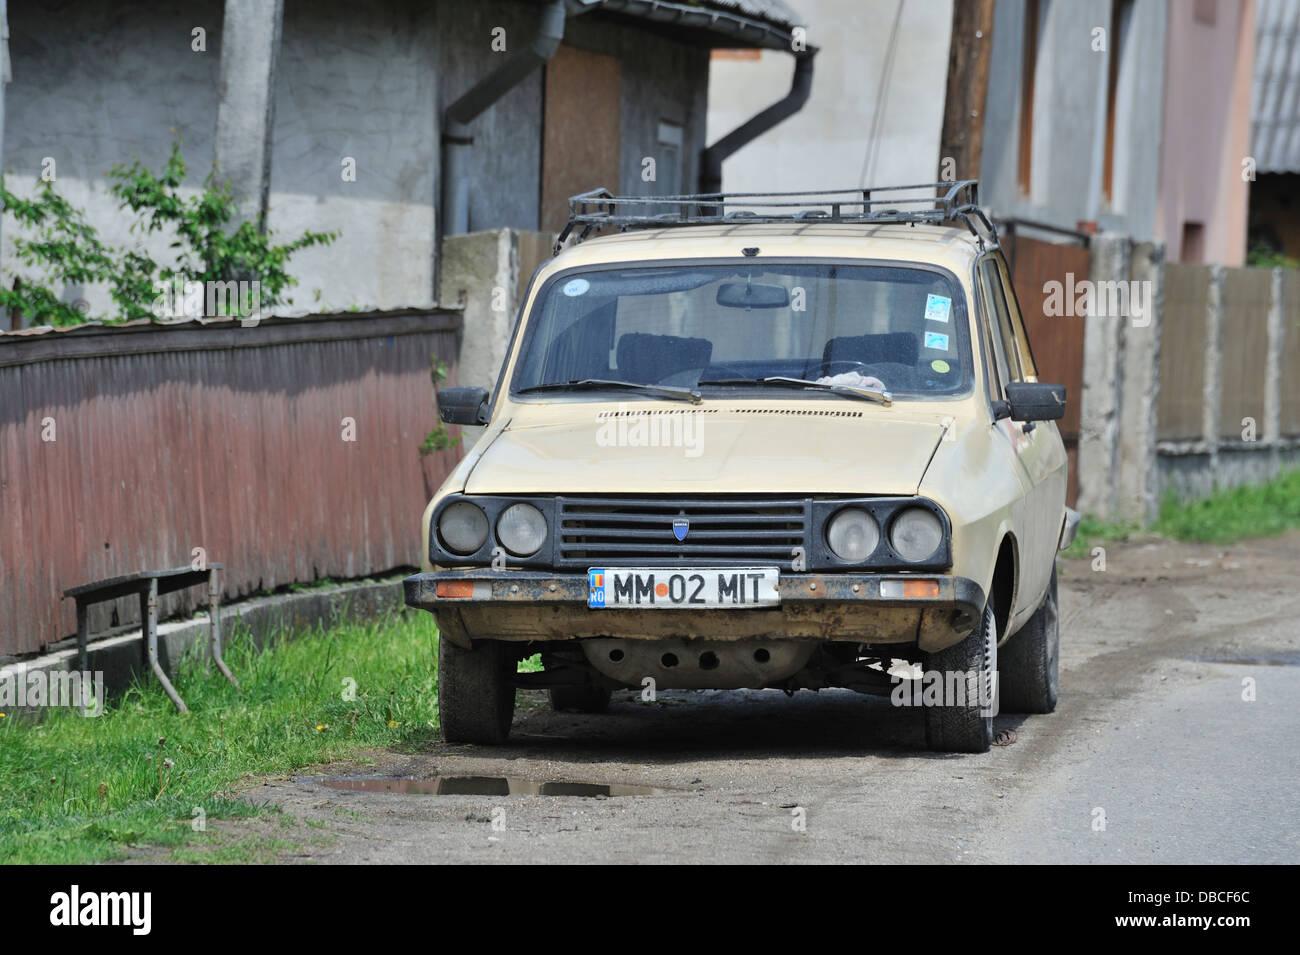 Dacia Cars Stock Photos Dacia Cars Stock Images Alamy